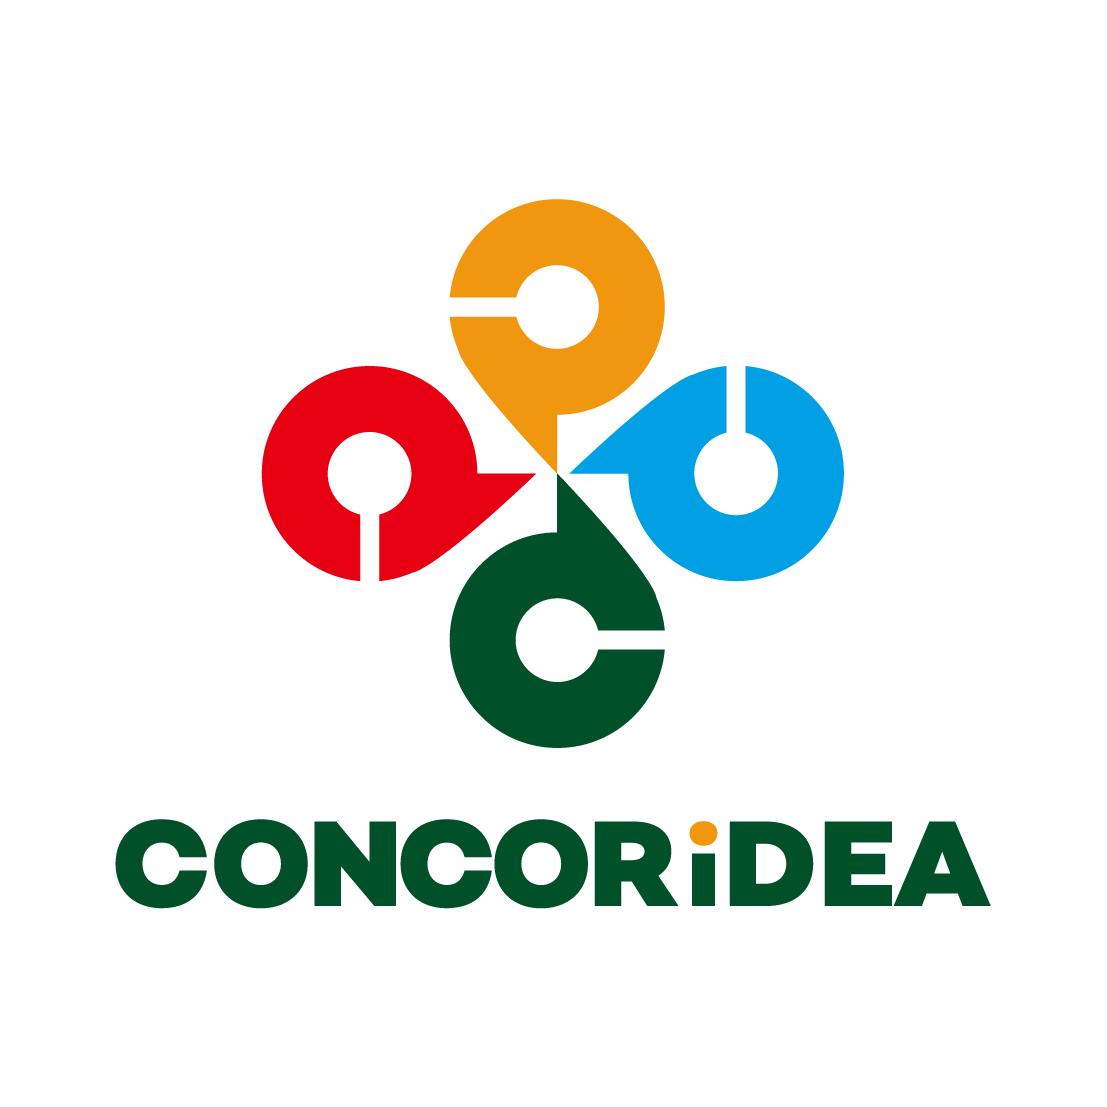 CONCORIDEA